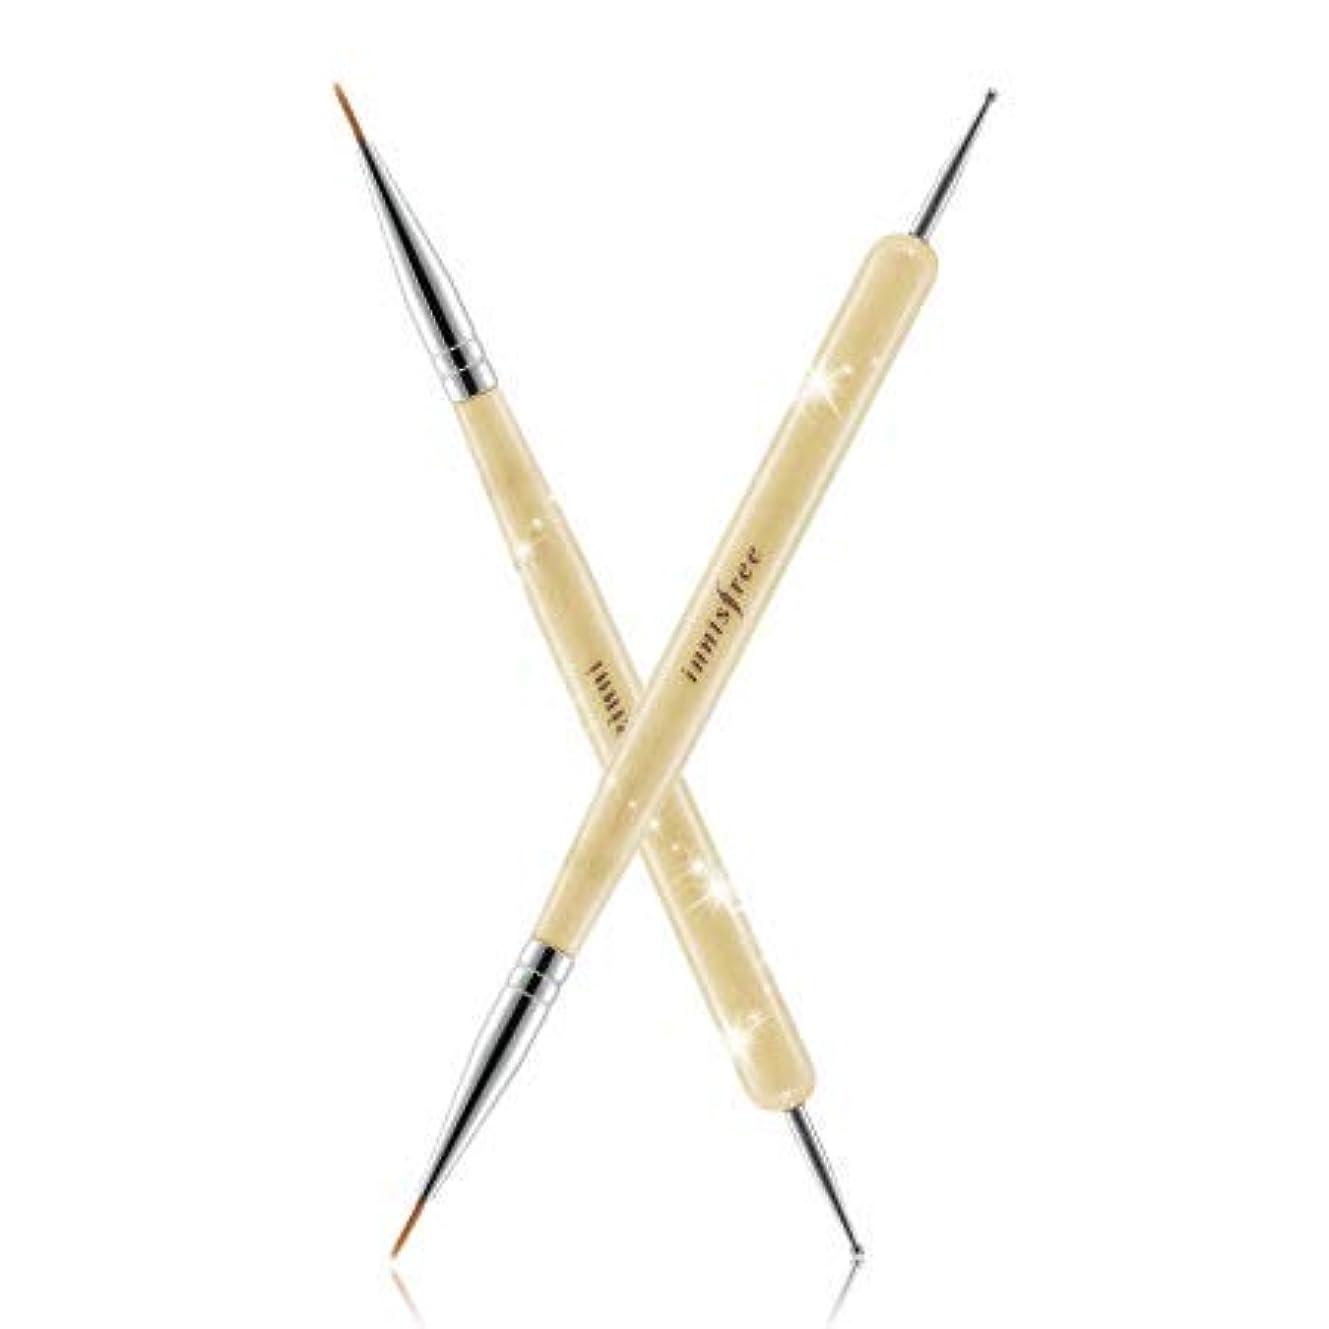 闘争散歩に行くグロー[イニスフリー.innisfree]ビューティーツールネイルアートスティック/Beauty Tool Nail Art Stick